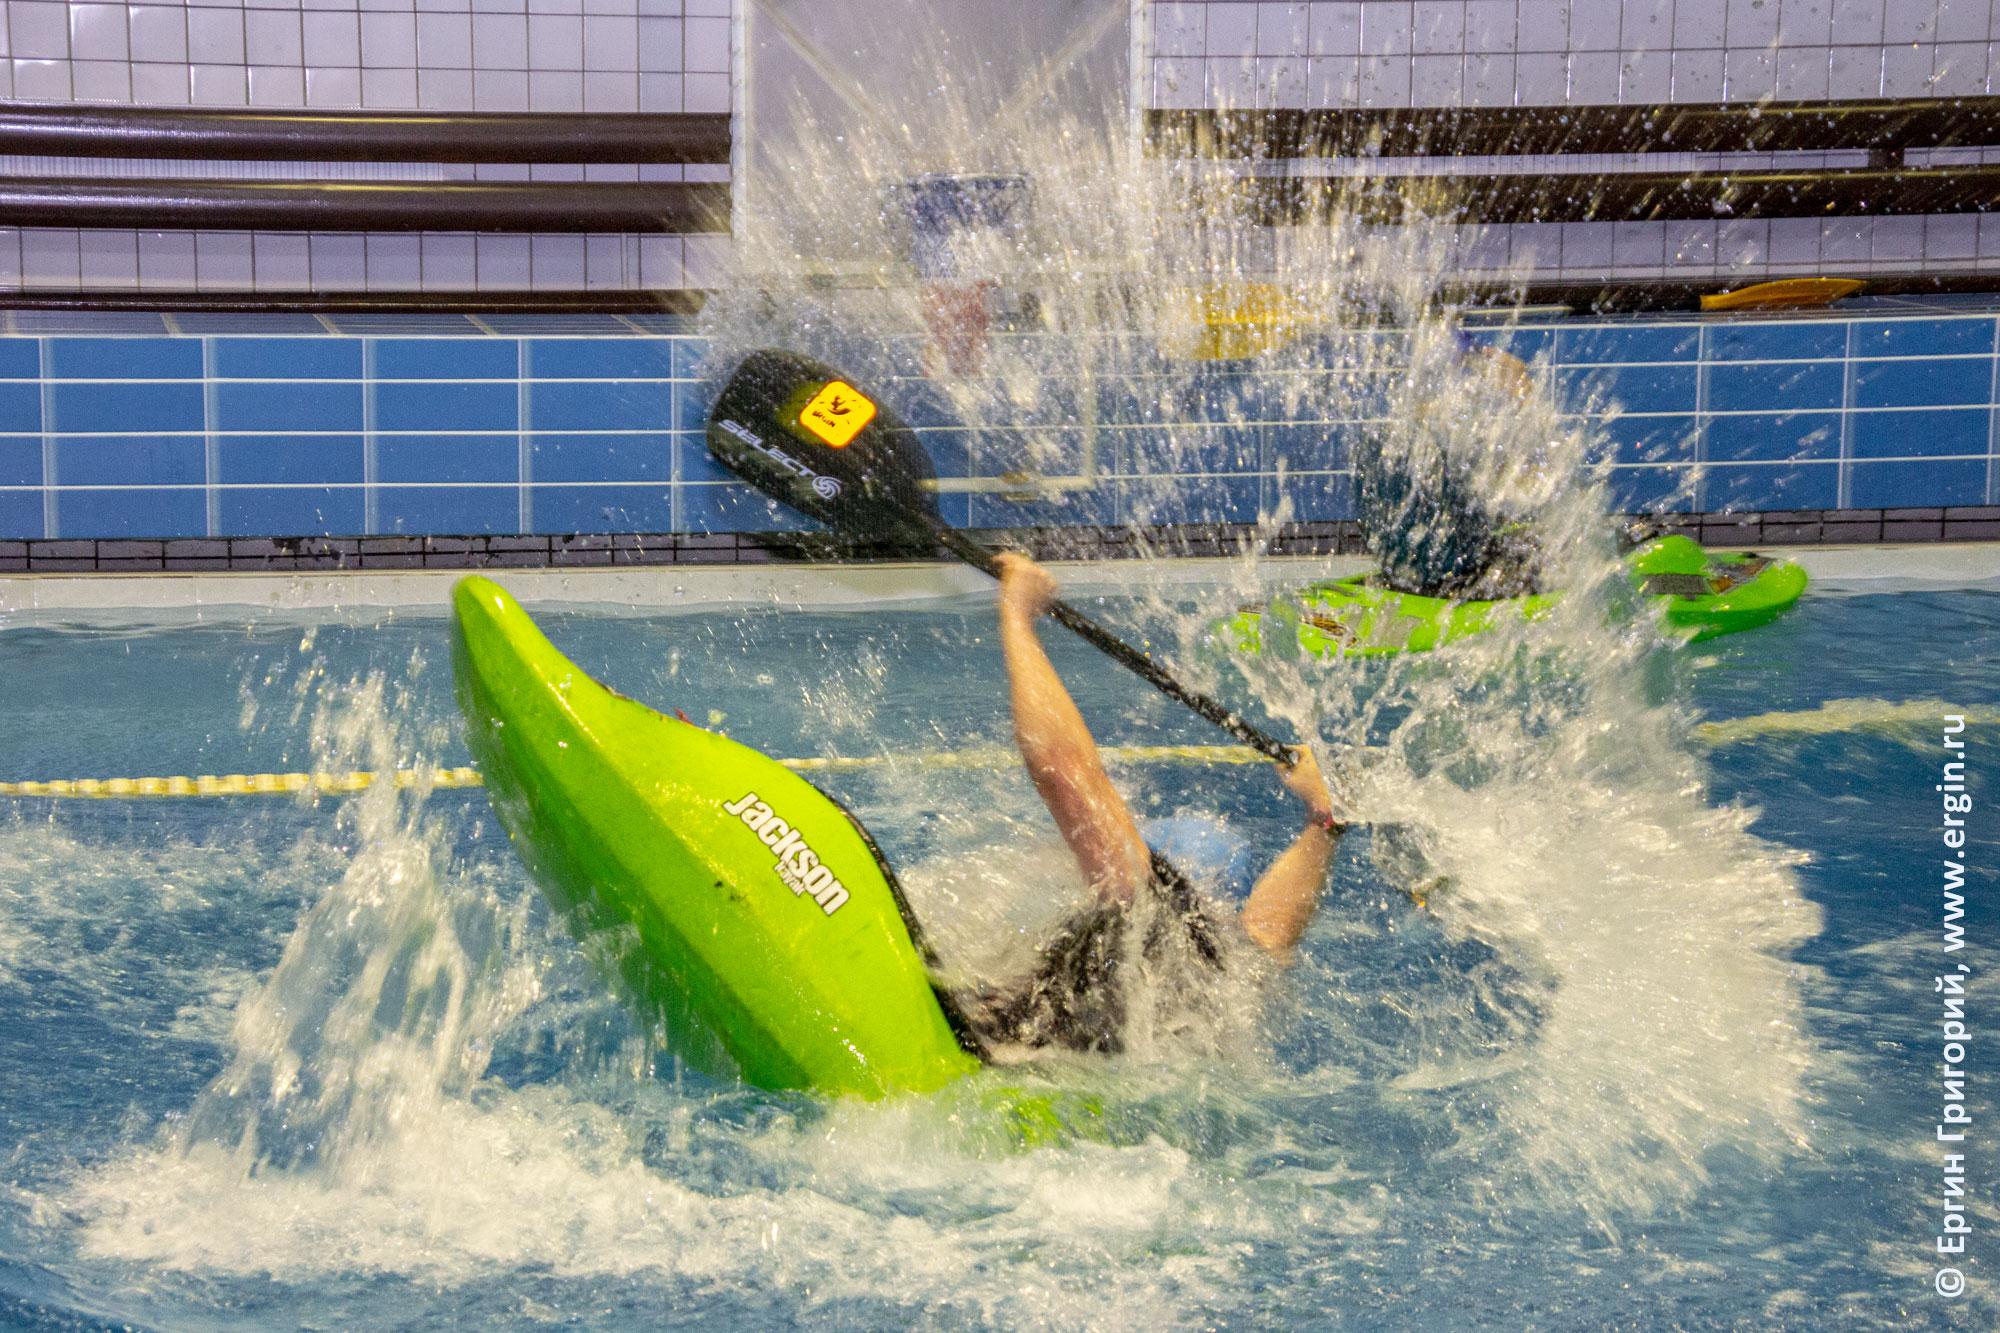 Соревнования по фристайл-каякингу в бассейне